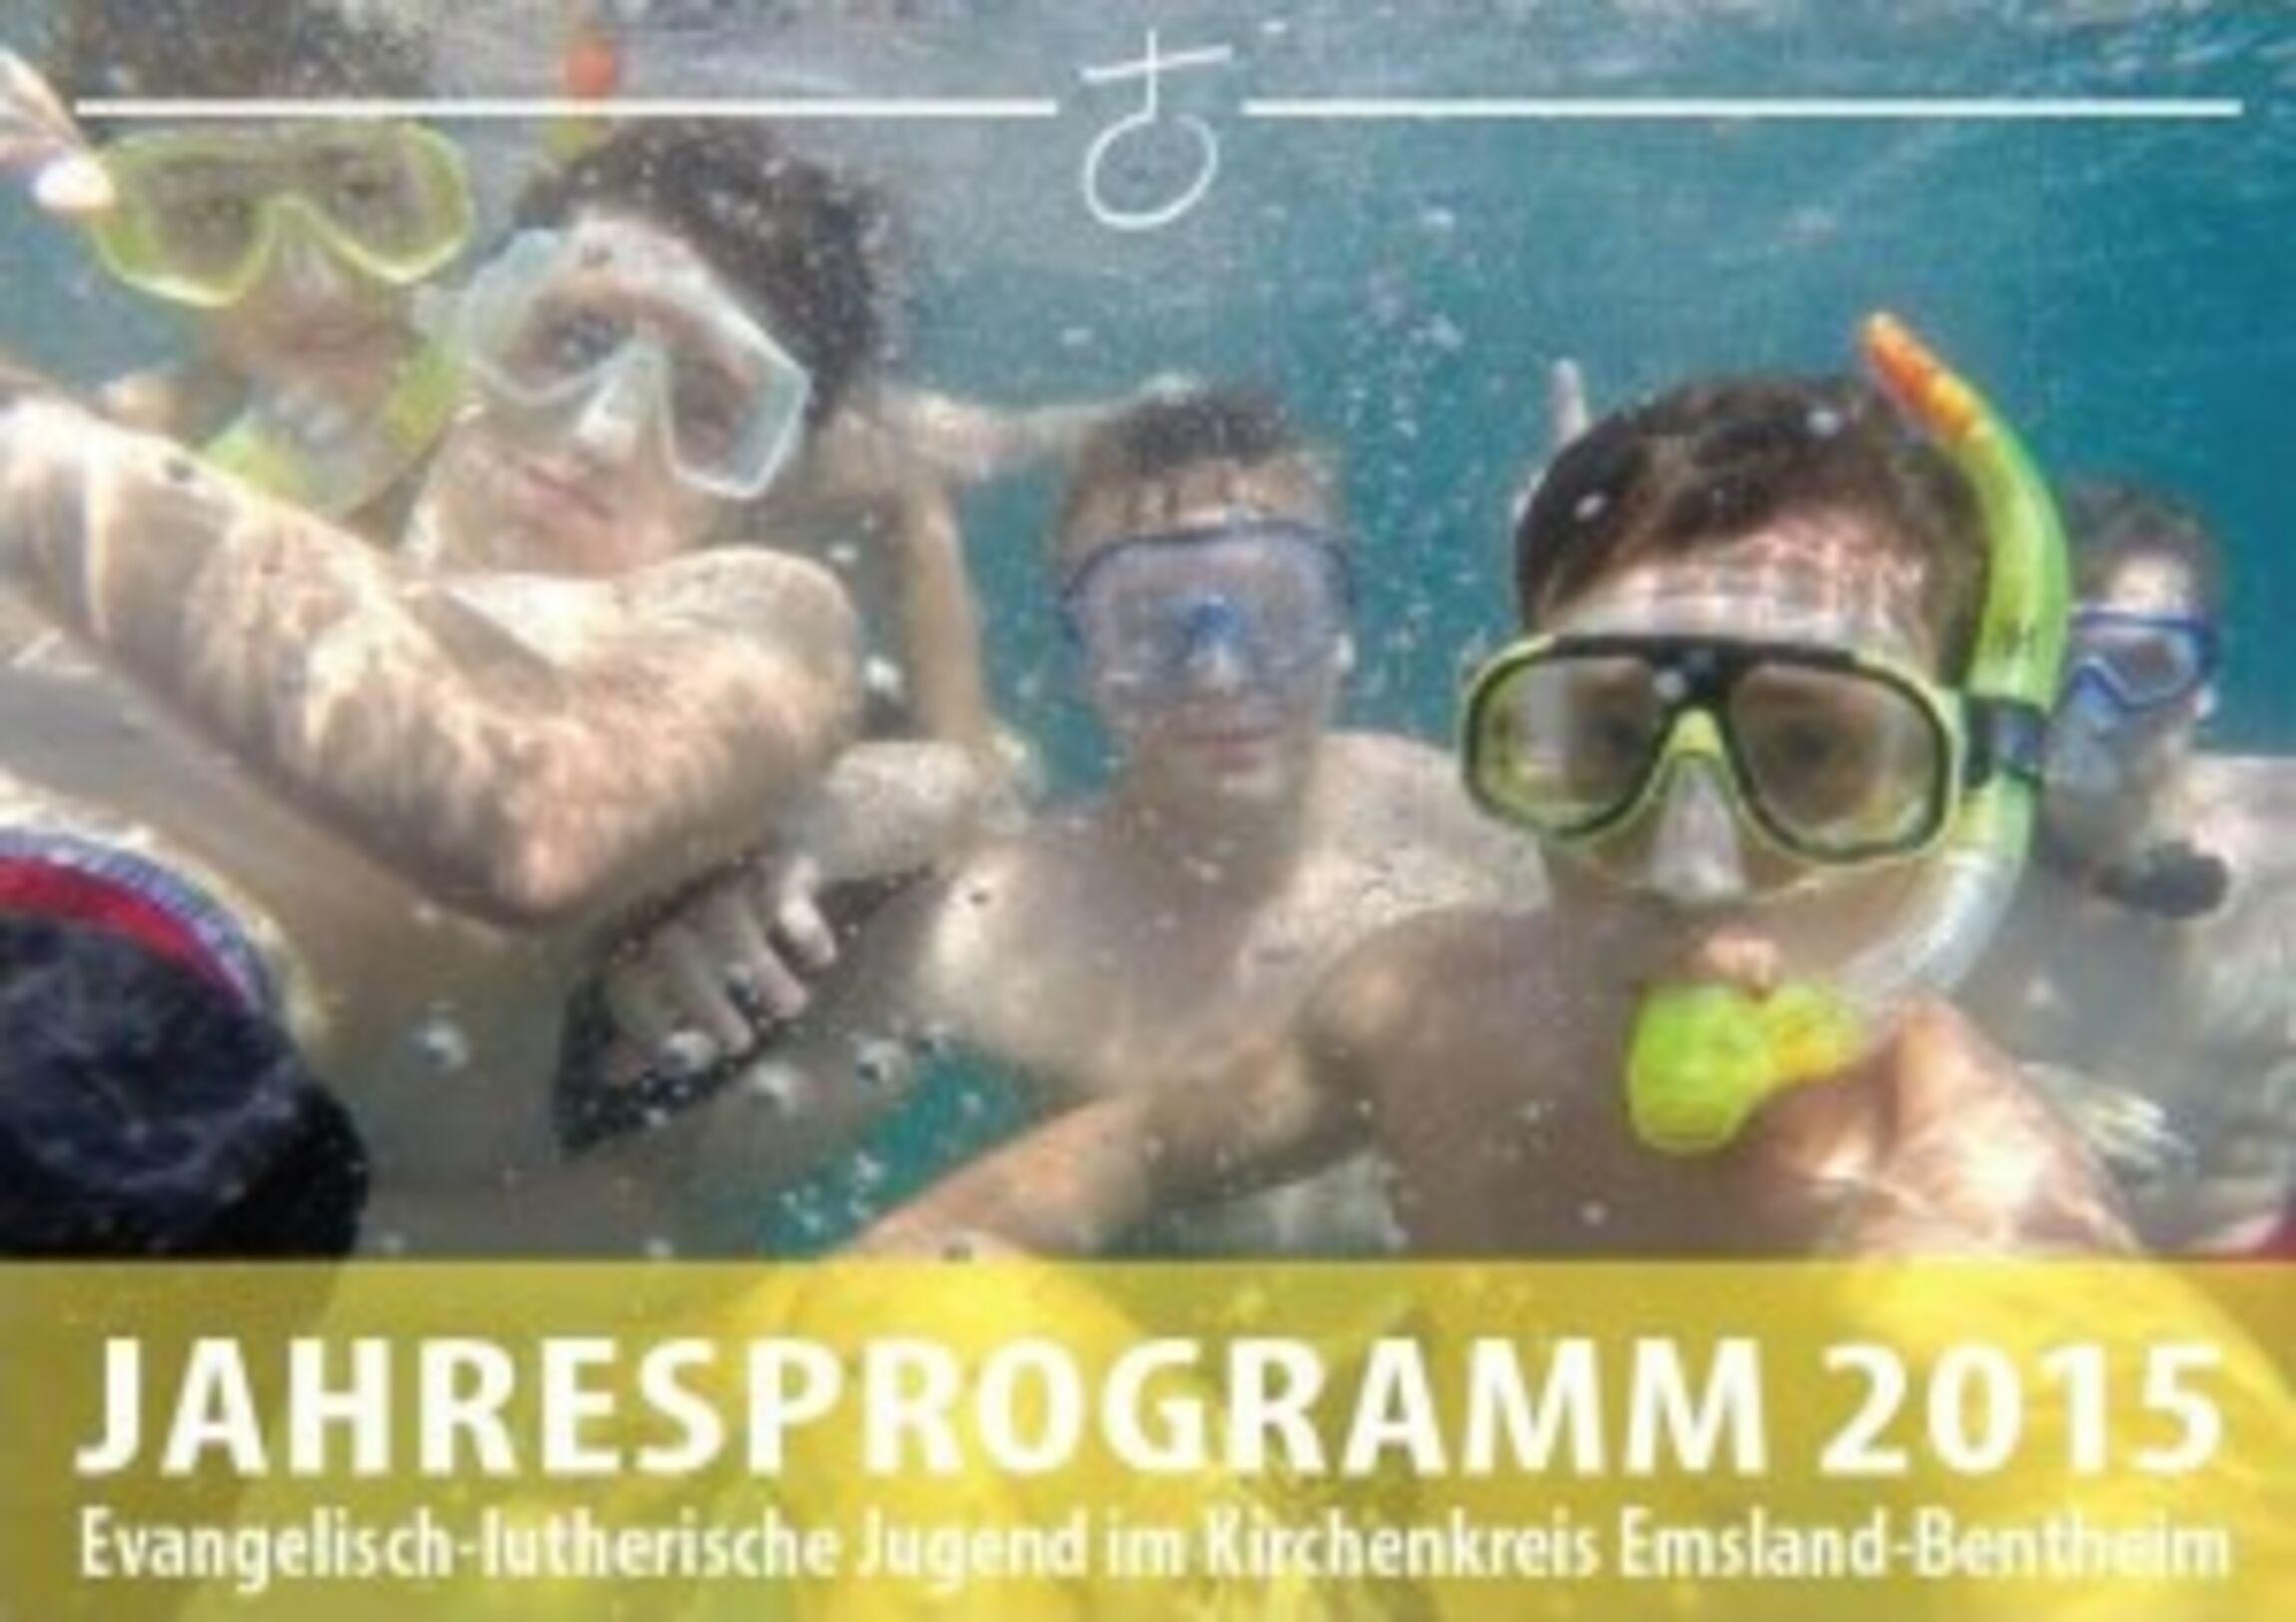 Jahresprogramm-2015-300x212